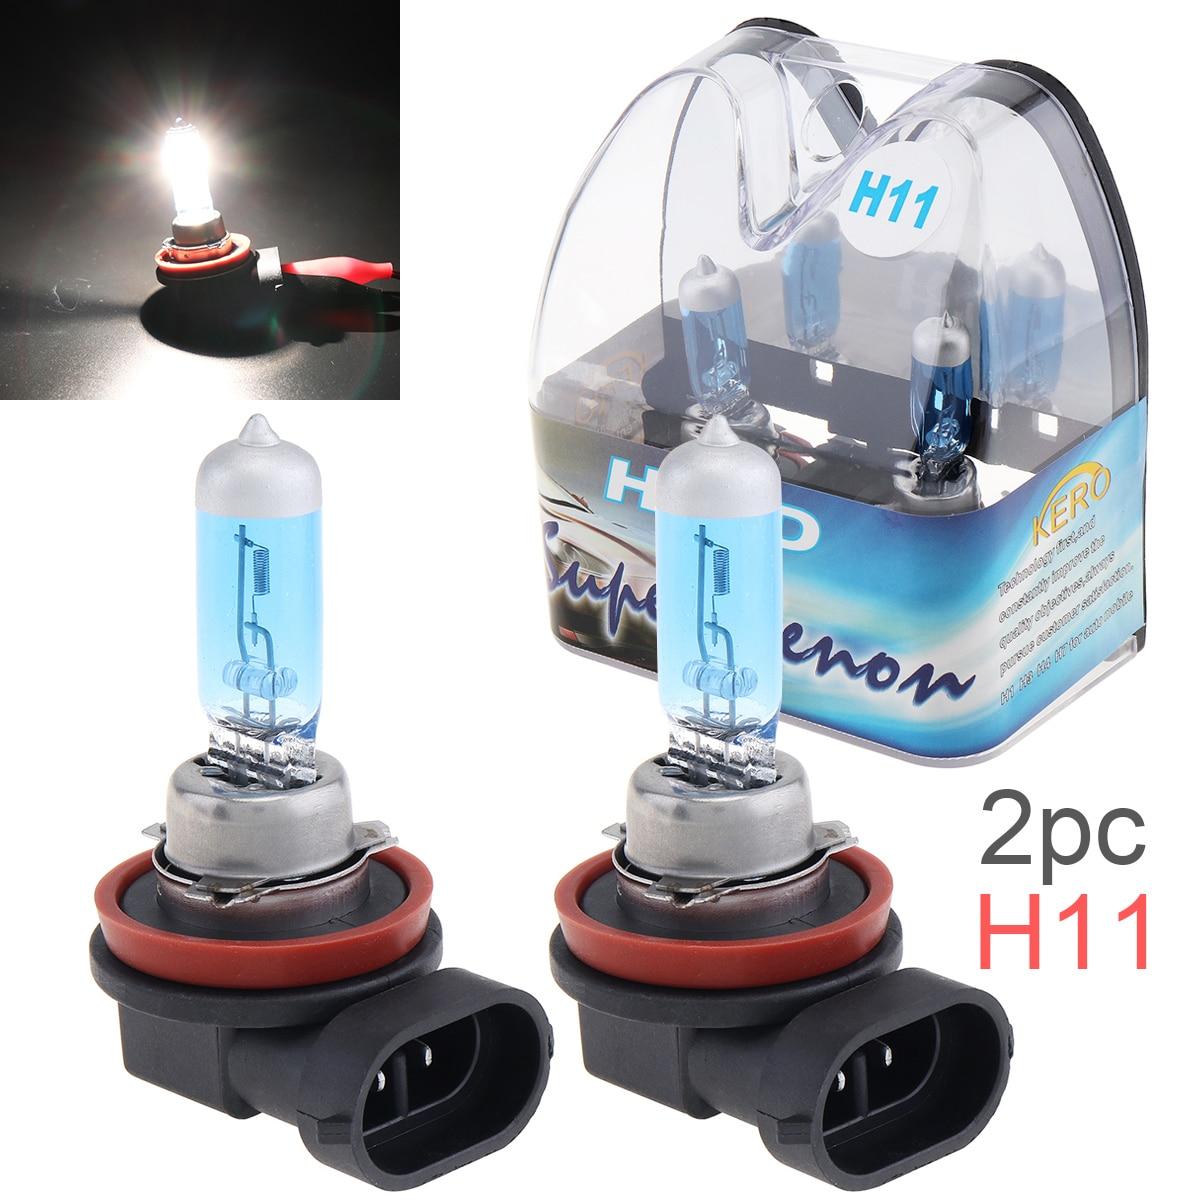 2 uds. 12V H11 55W 6000K luz blanca lámpara halógena de coche súper brillante faro delantero de coche bombilla antiniebla faro de coche para coches